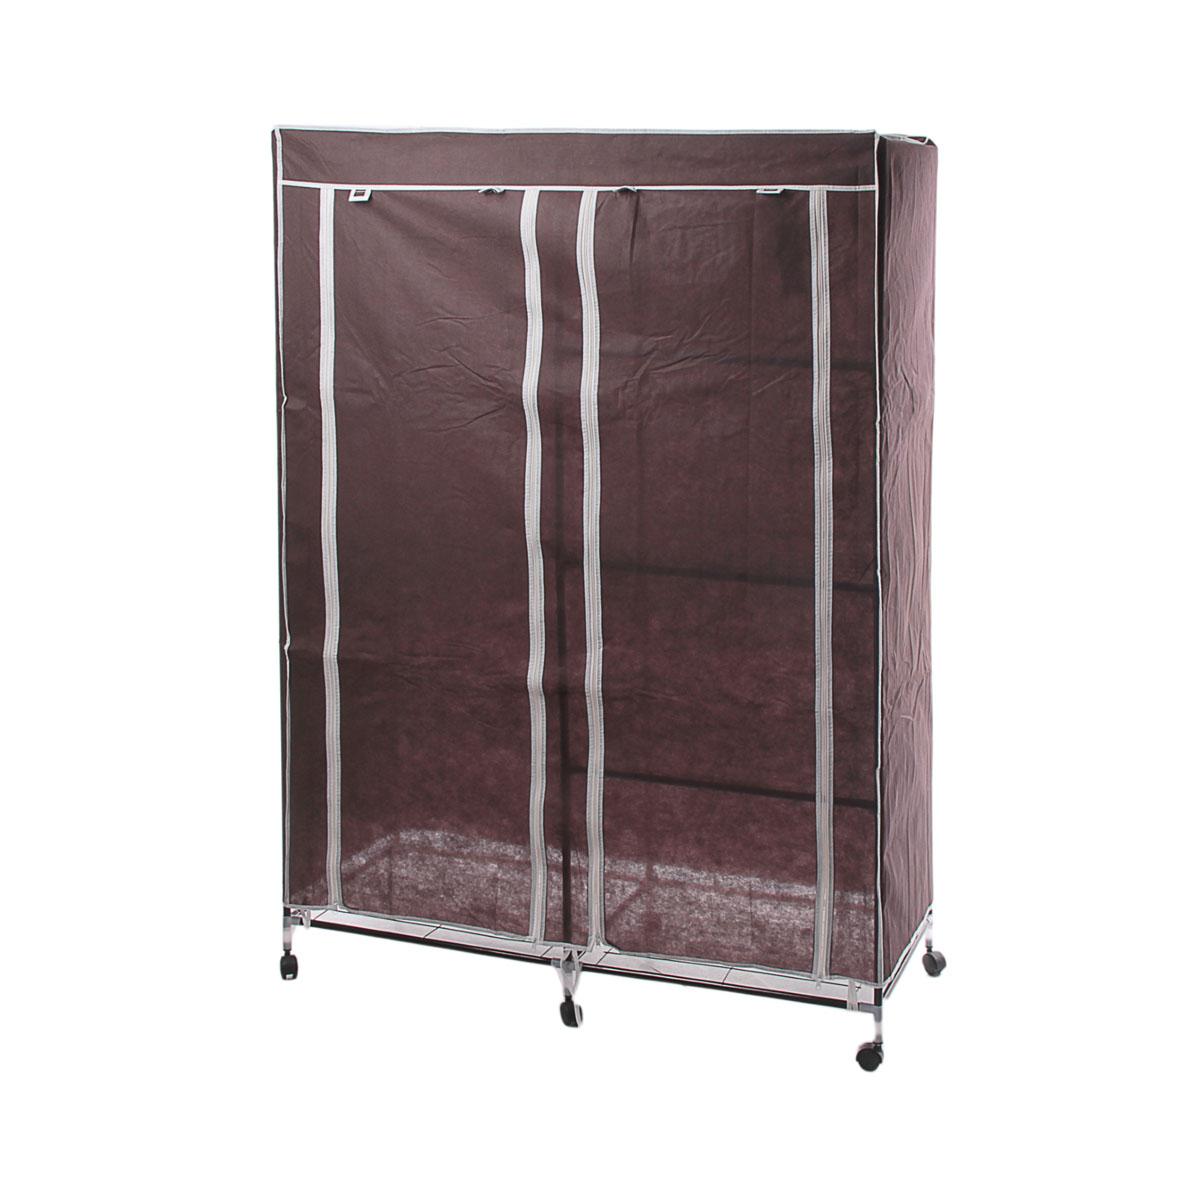 Мобильный шкаф для одежды Sima-land, цвет: коричневый, 120 х 50 х 175 см 178922178922Мобильный шкаф для одежды Sima-land, предназначенный для хранения одежды и других вещей, это отличное решение проблемы, когда наблюдается явный дефицит места или есть временная необходимость. Складной тканевый шкаф - это мобильная конструкция, состоящая из сборного металлического каркаса, на который натянут чехол из нетканого полотна. Корпус шкафа сделан из легкой, но прочной стали, а обивка из полиэстера, который можно легко стирать в стиральной машинке. Шкаф оснащен двумя отделами с текстильными дверями, которые закрываются на застежки-молнии. Чтобы открыть шкаф вы можете скрутить двери и зафиксировать их наверху с помощью ремешков на липучках. В одном отделе присутствует перекладина для хранения вещей на вешалках, во втором отделе - 3 вместительные полки. Изделие снабжено колесиками для удобной транспортировки.